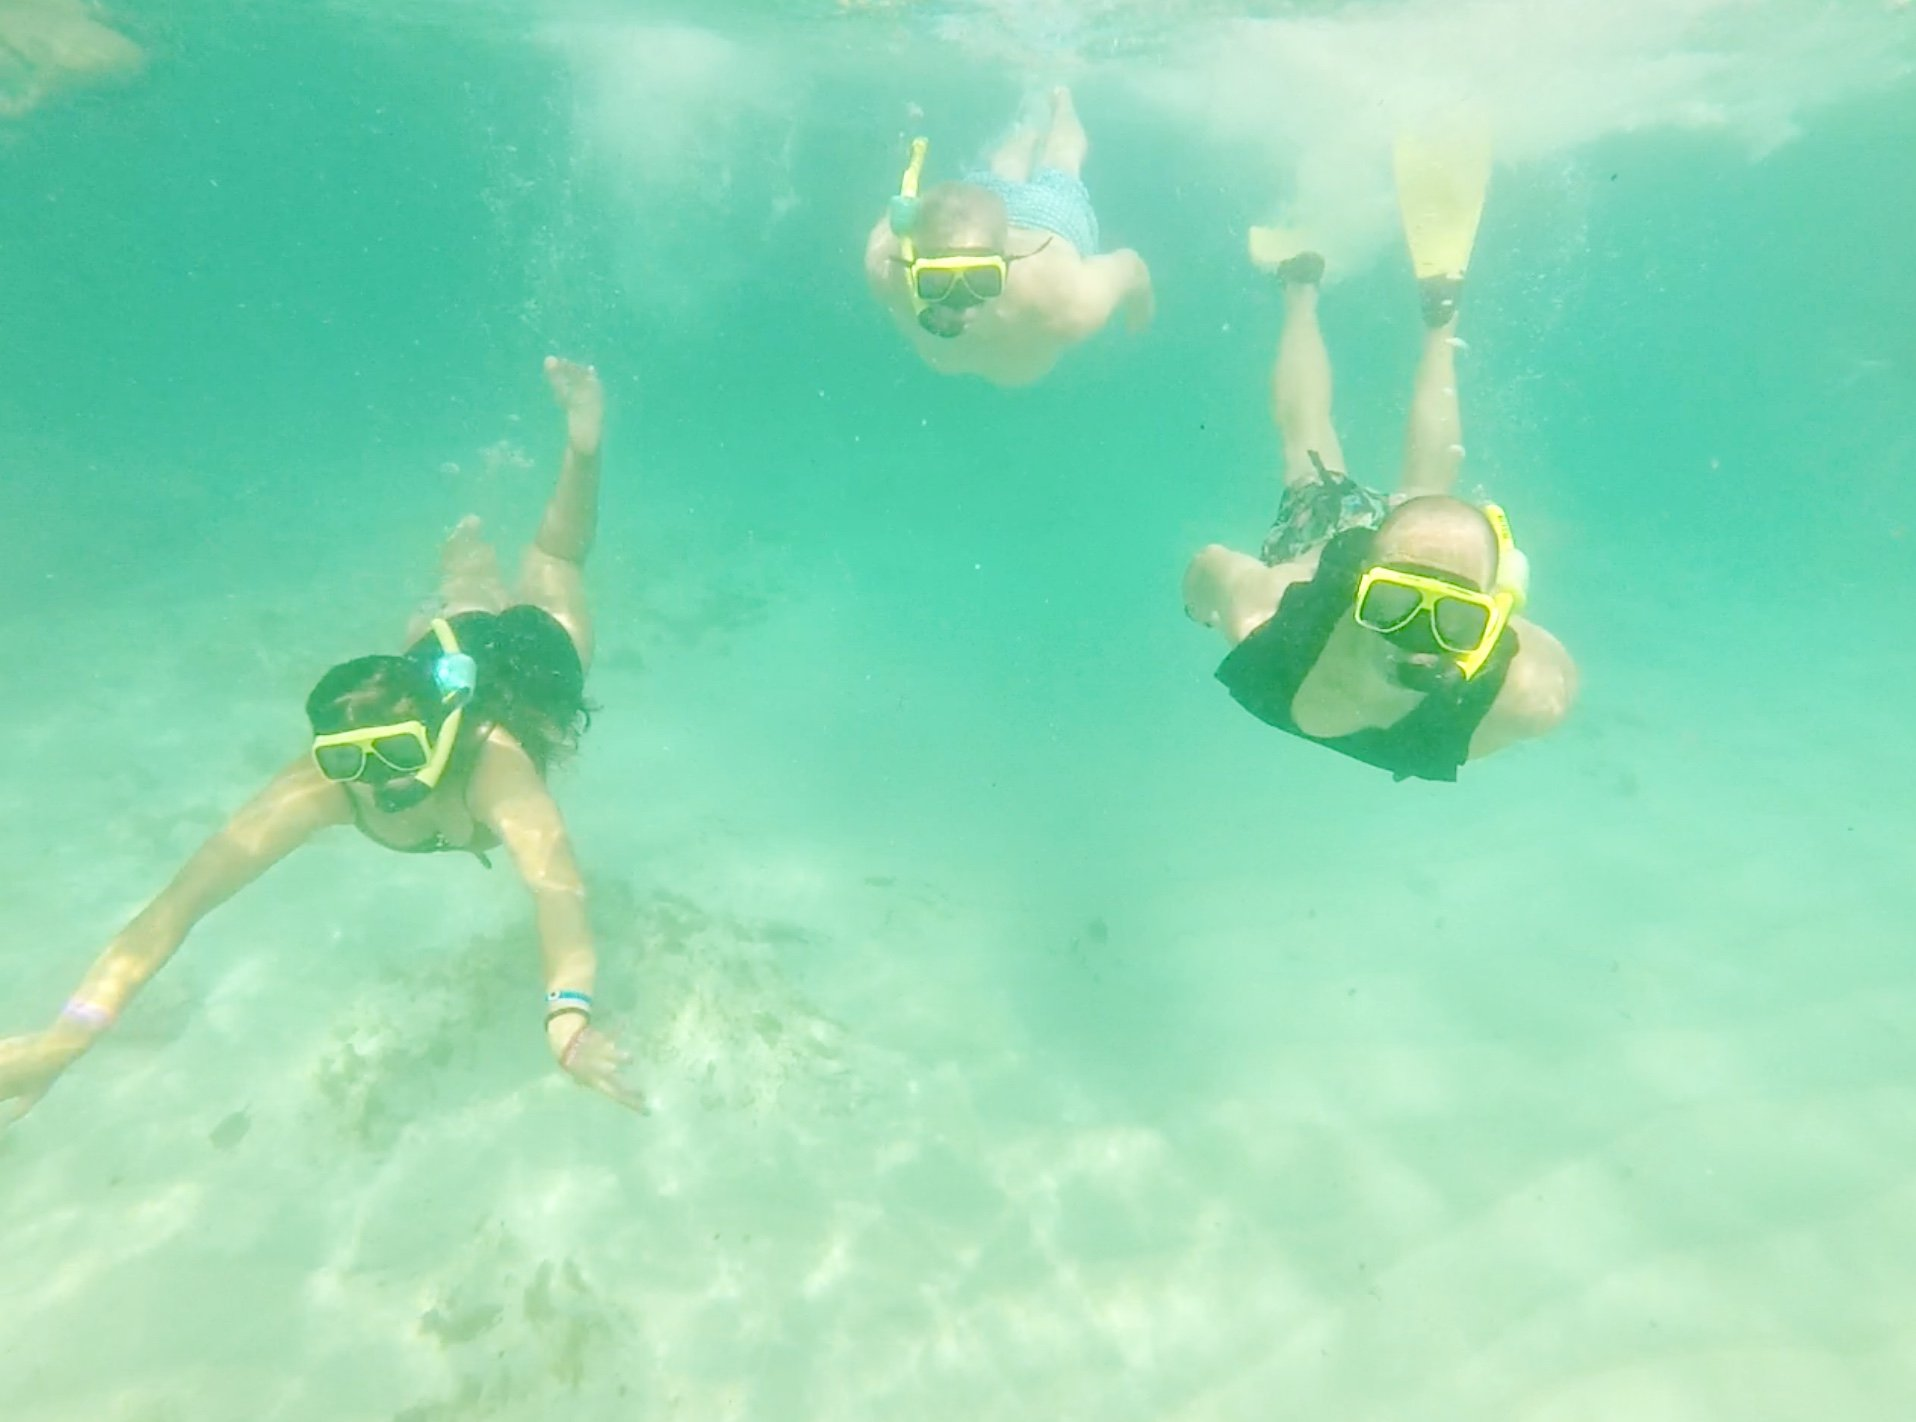 snorkeling underwater in Aruba